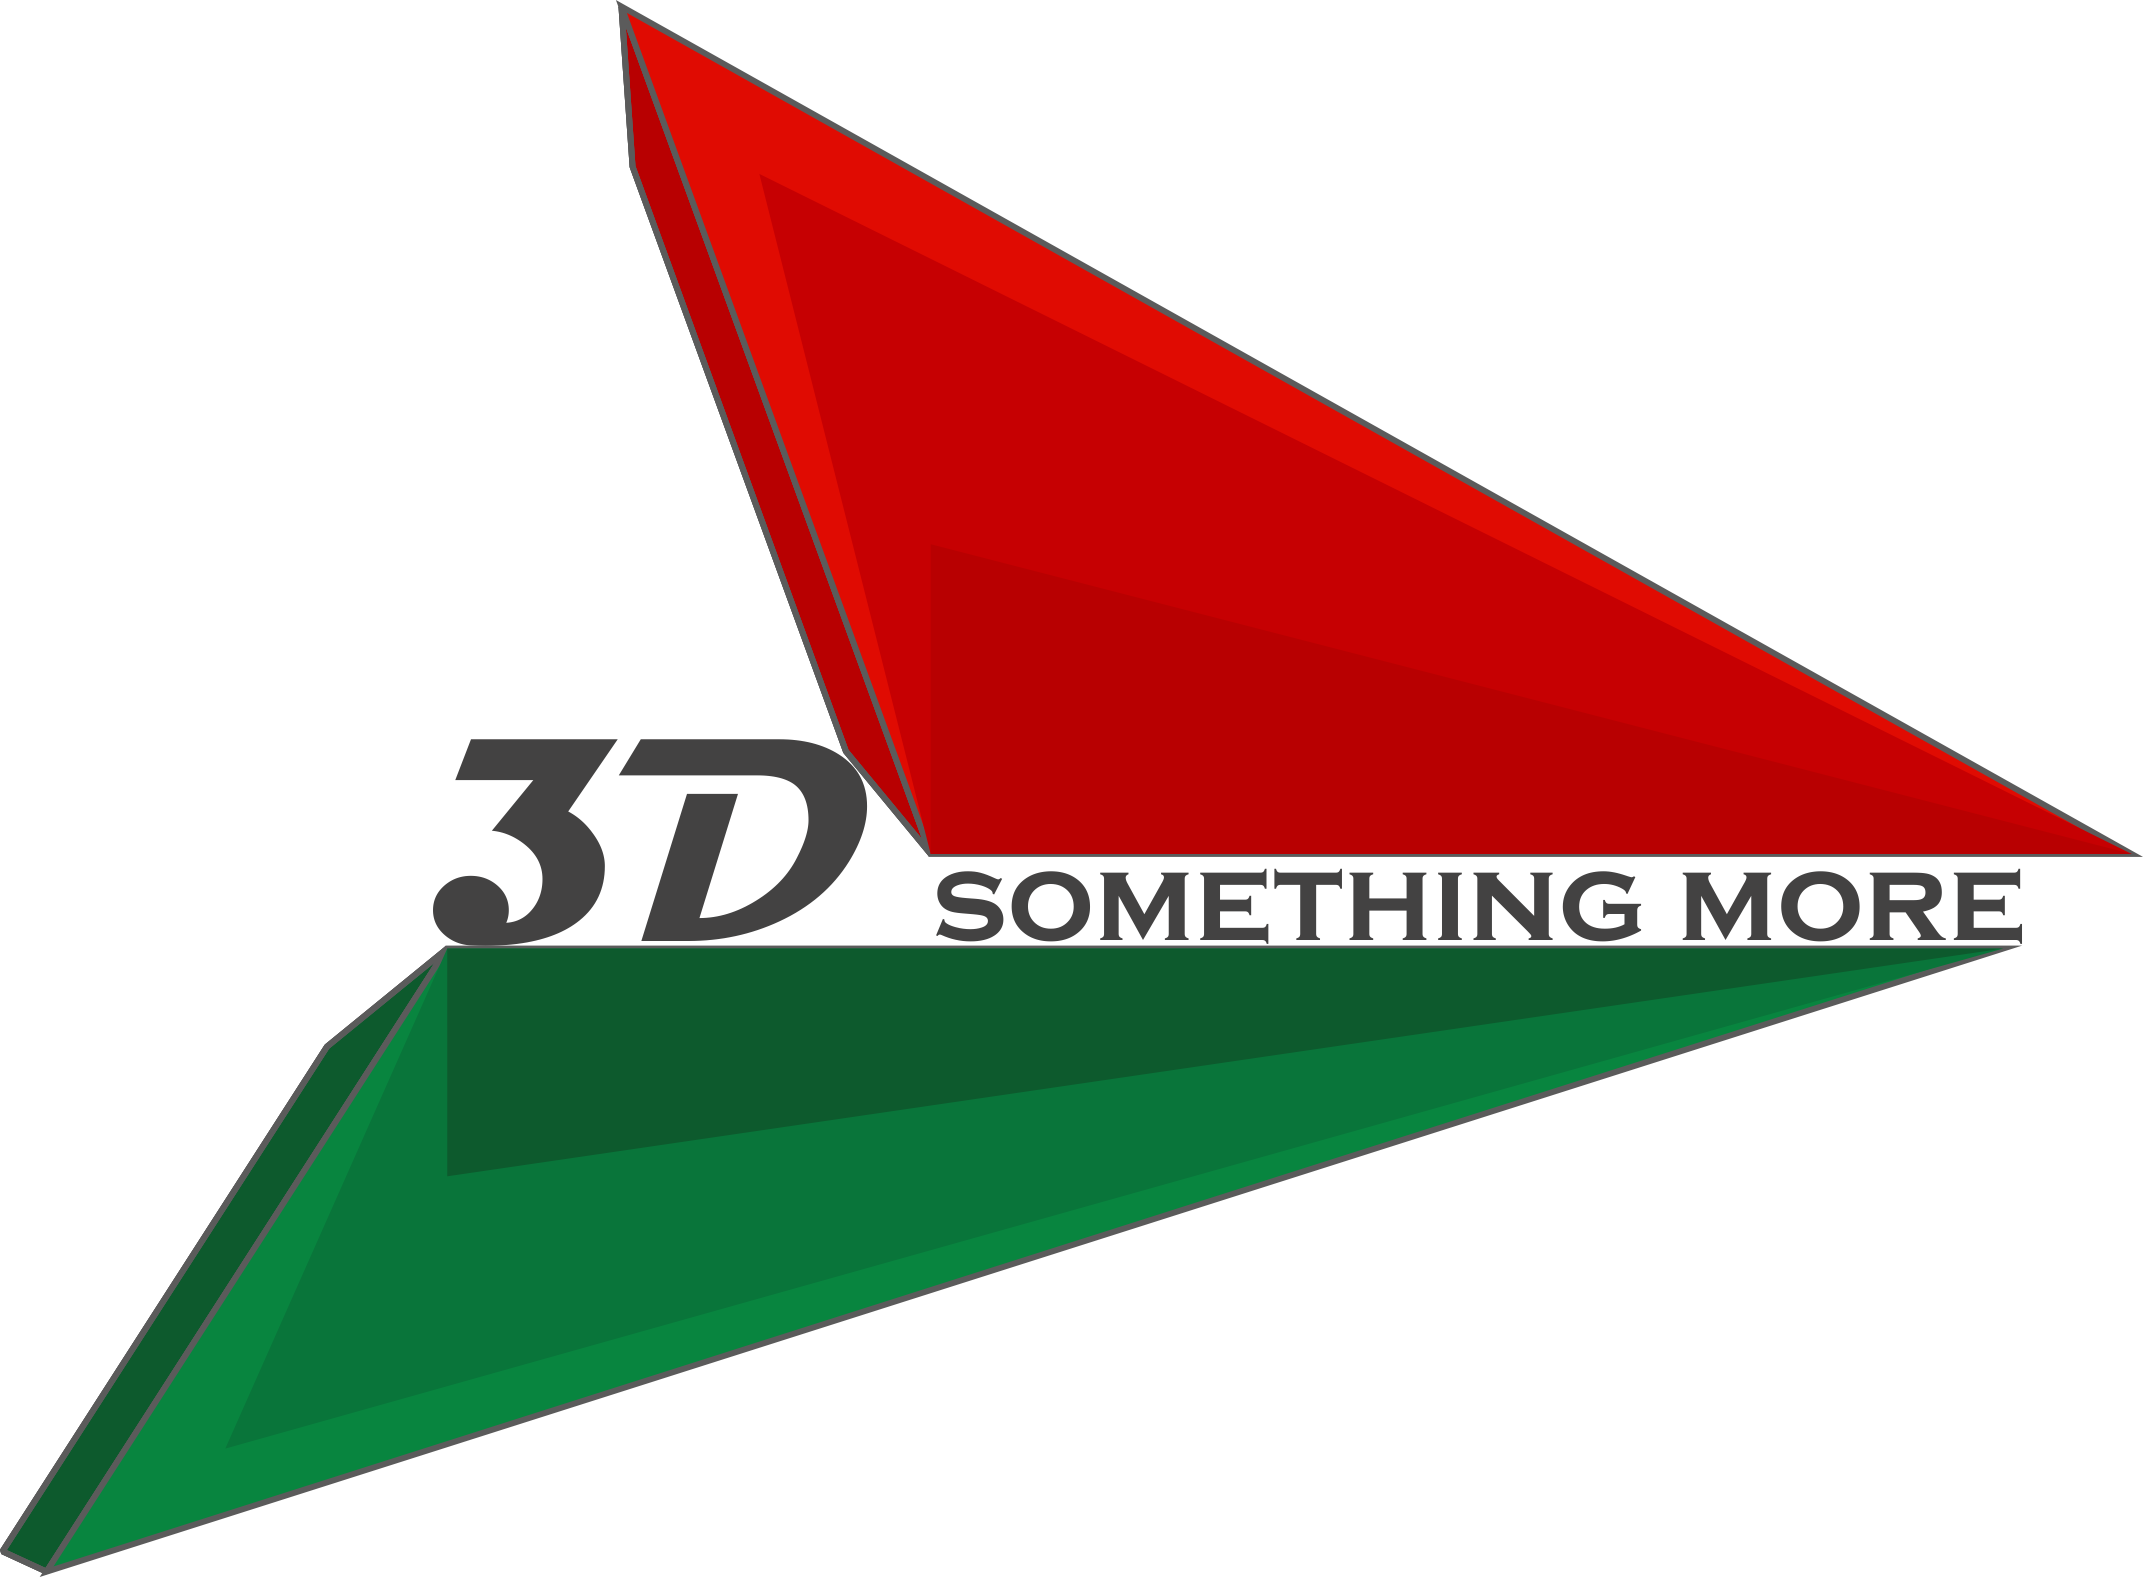 Литьё под давлением, 3Д печать, изделия, аксессуары, моделирование, магазин готовой продукции.